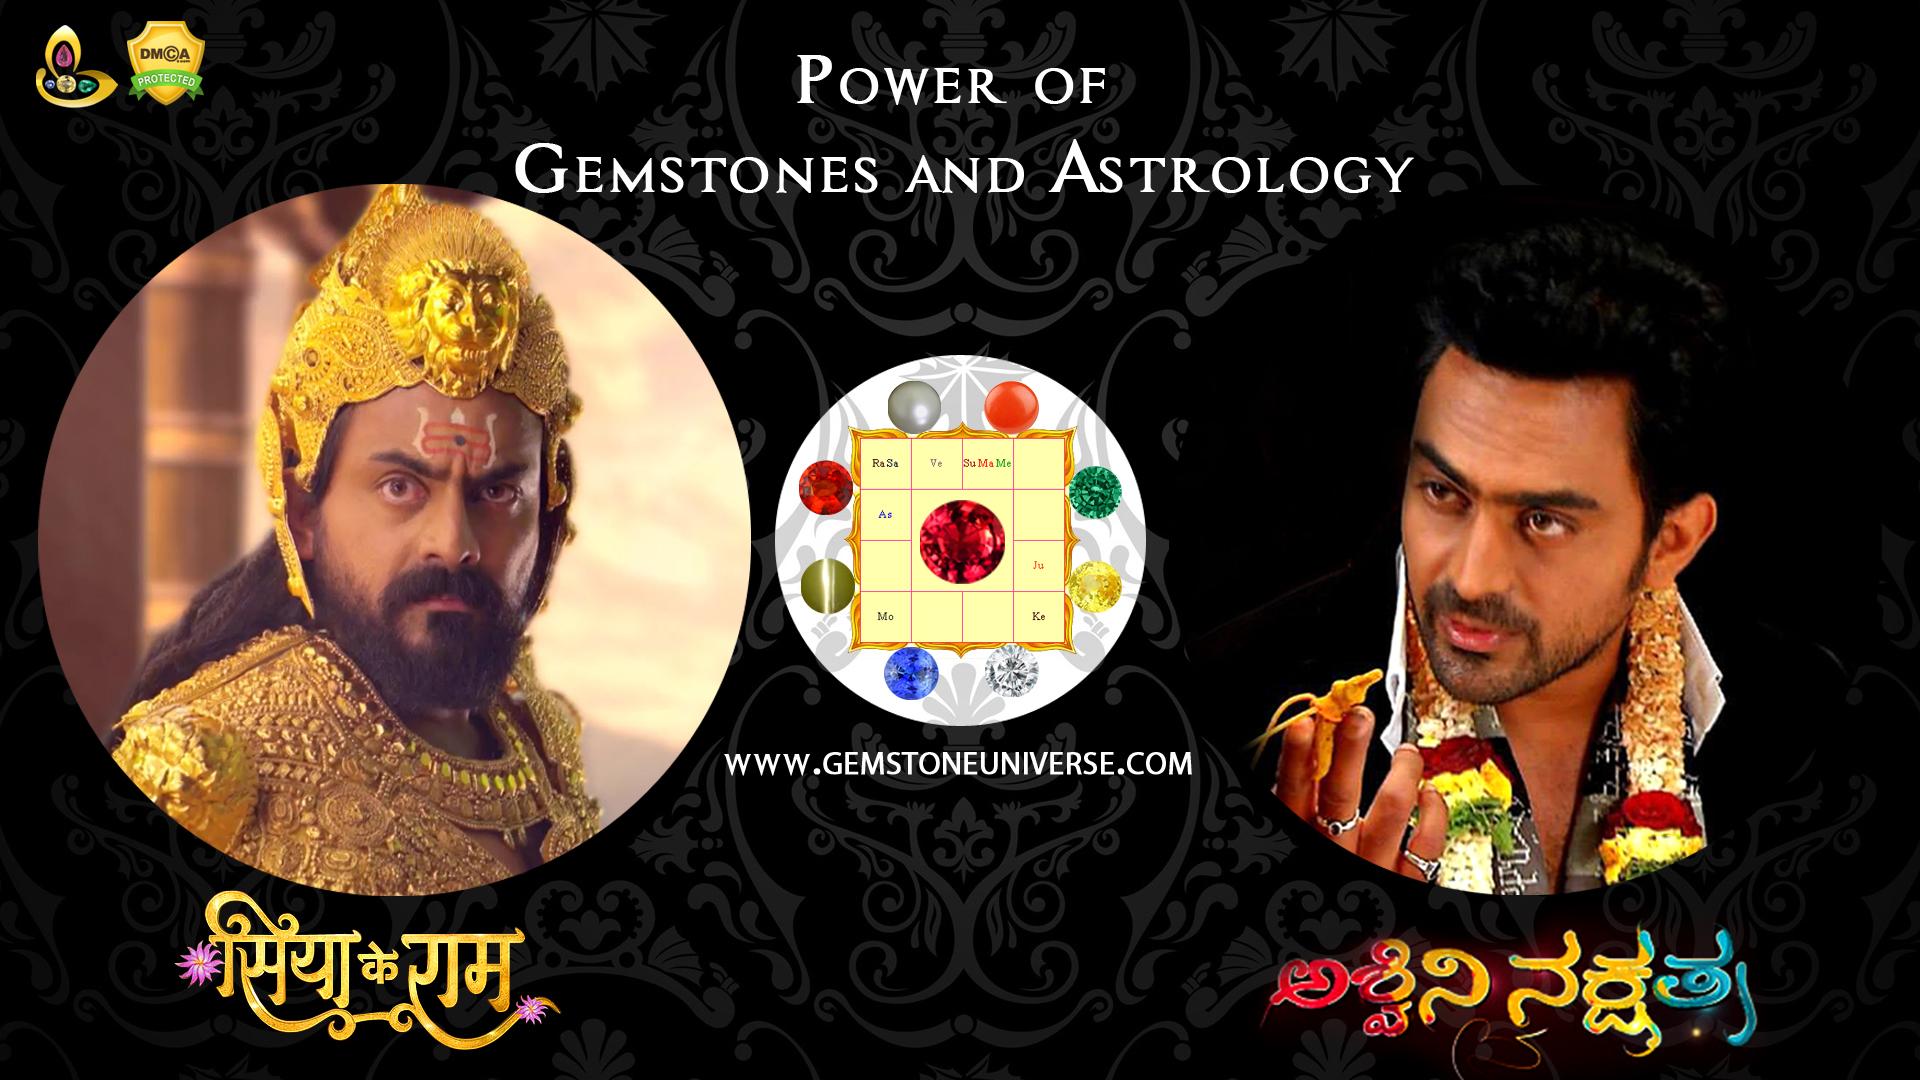 Ravan from Siya Ke Ram & Ashwini Nakshtra Fame Superstar JK a Gemstoneuniverse Patron speaks about Gemstones & Astrology Power